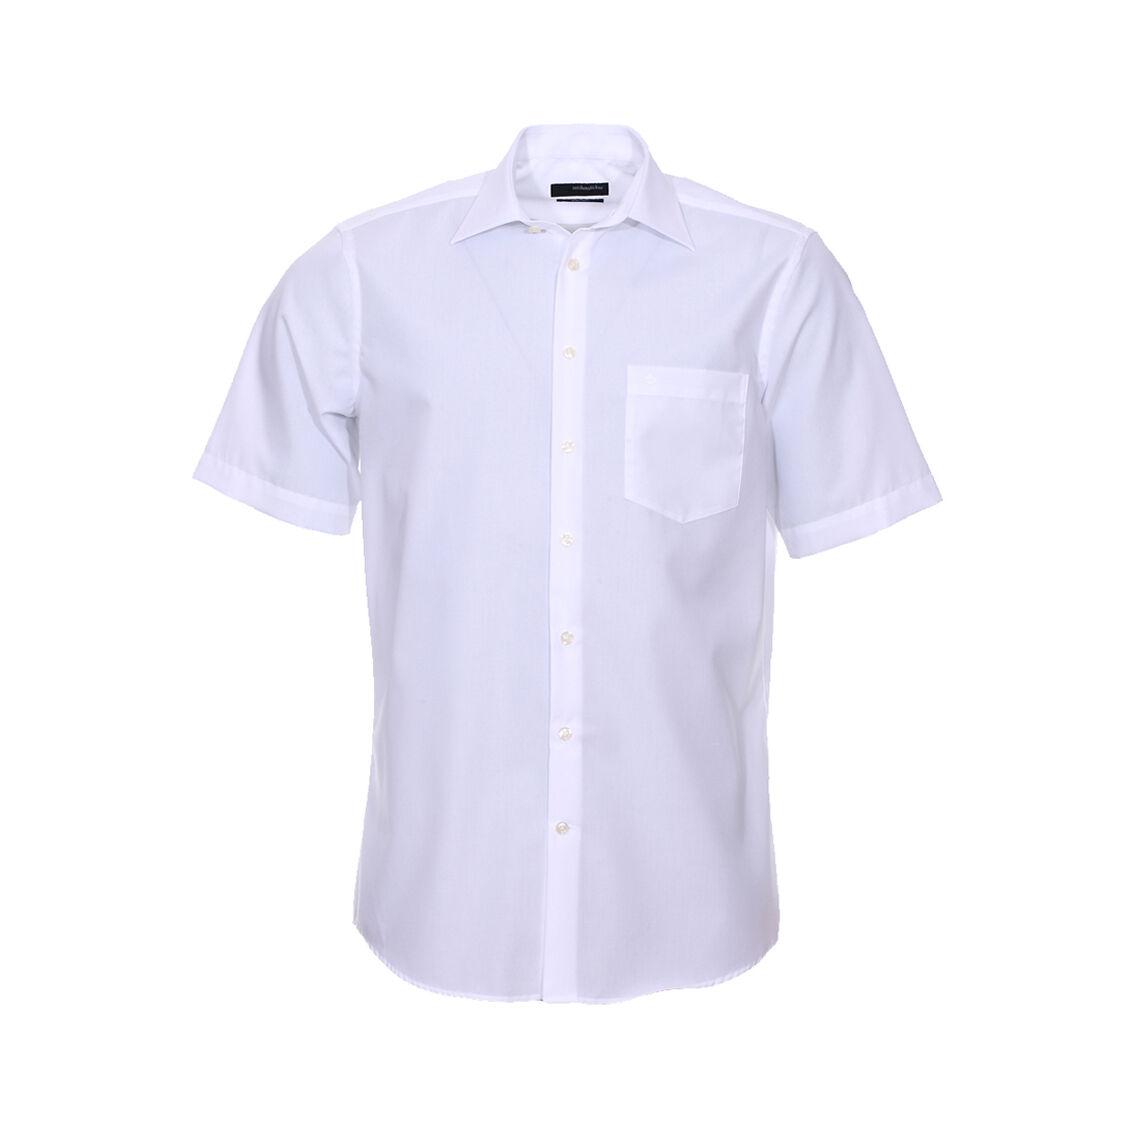 Seidensticker Chemisette droite Seidensticker unie blanche Sans repassage - BLANC - 40